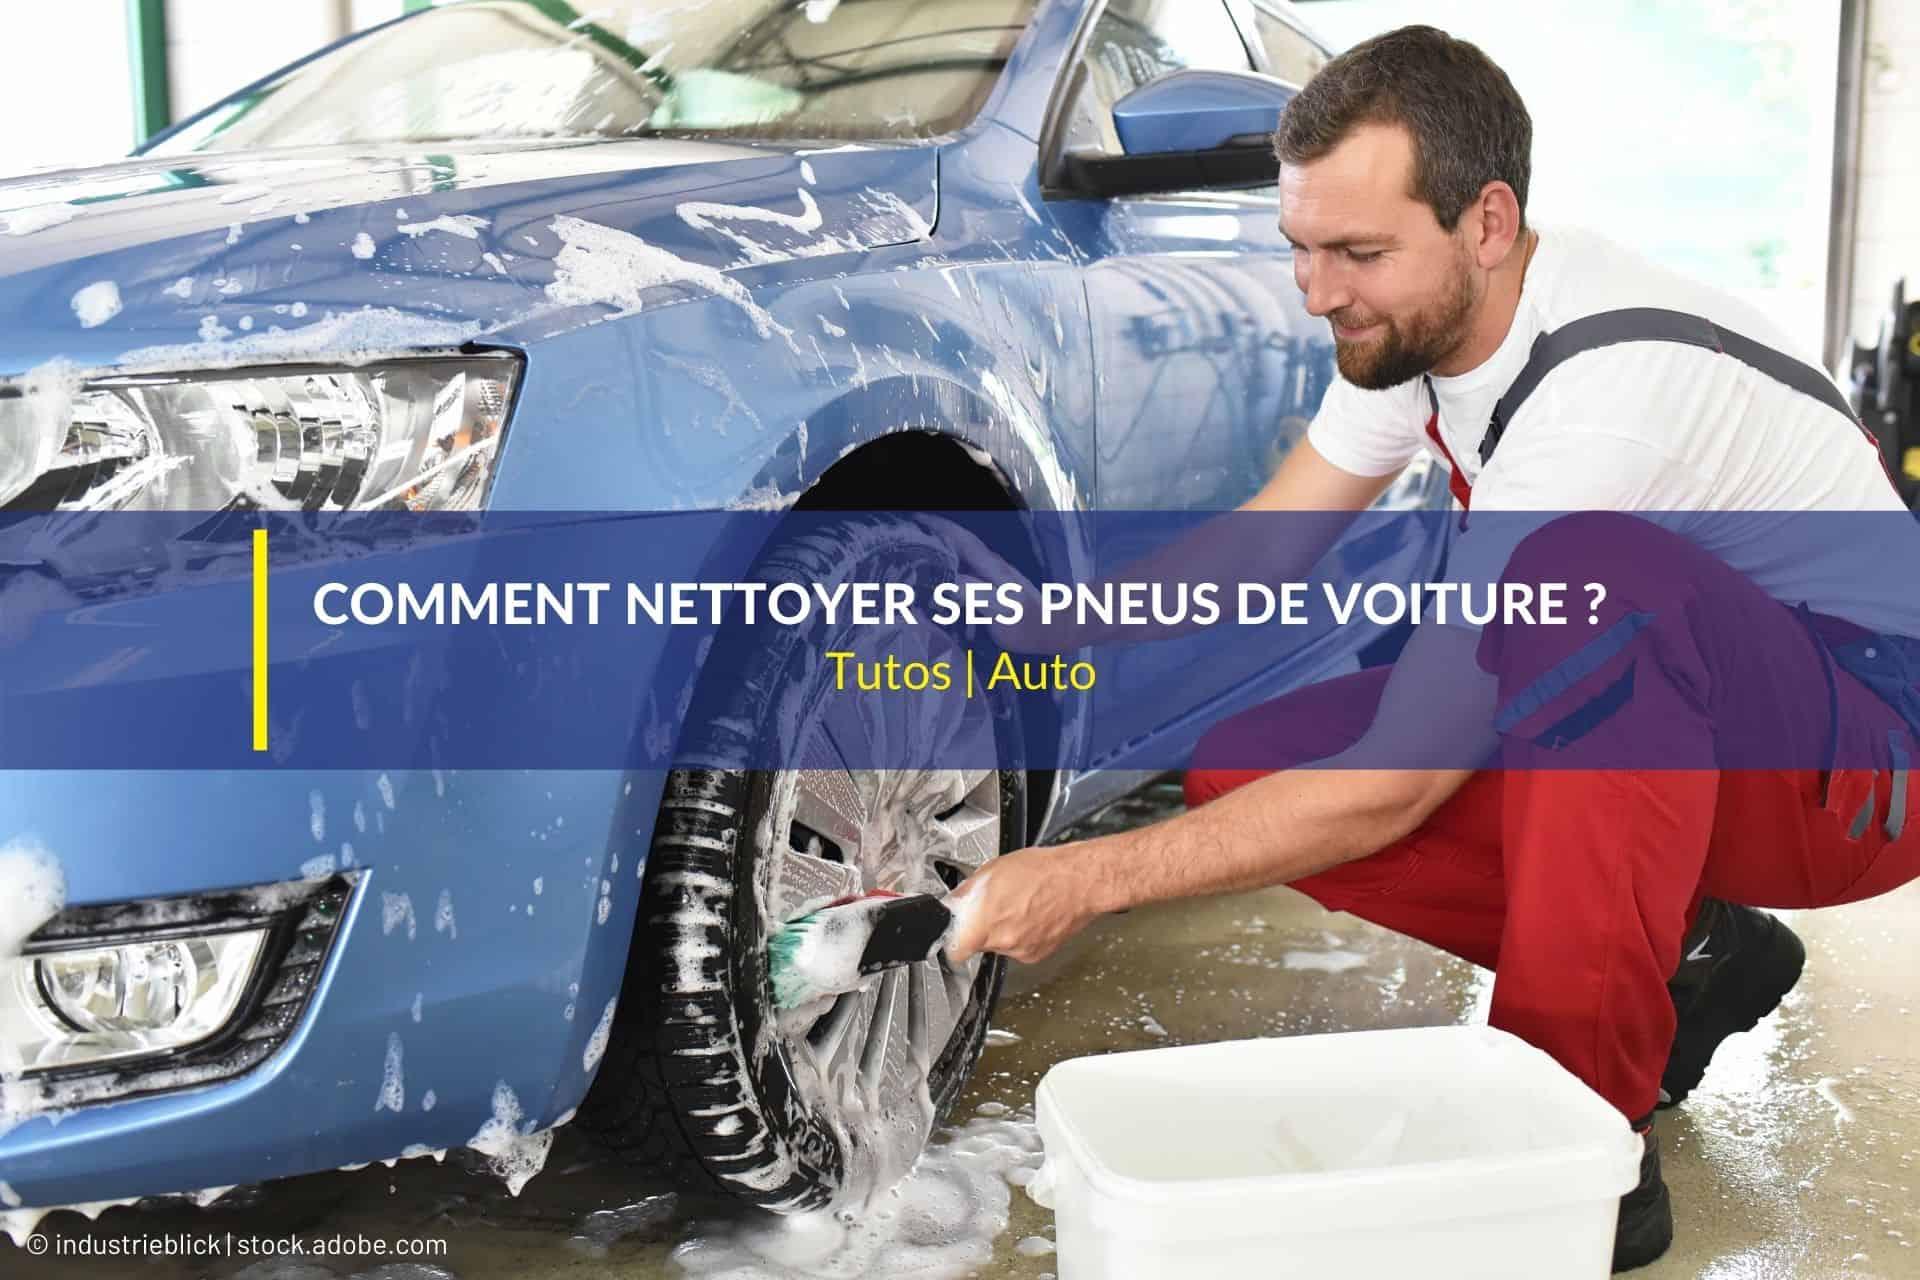 nettoyer pneus voiture